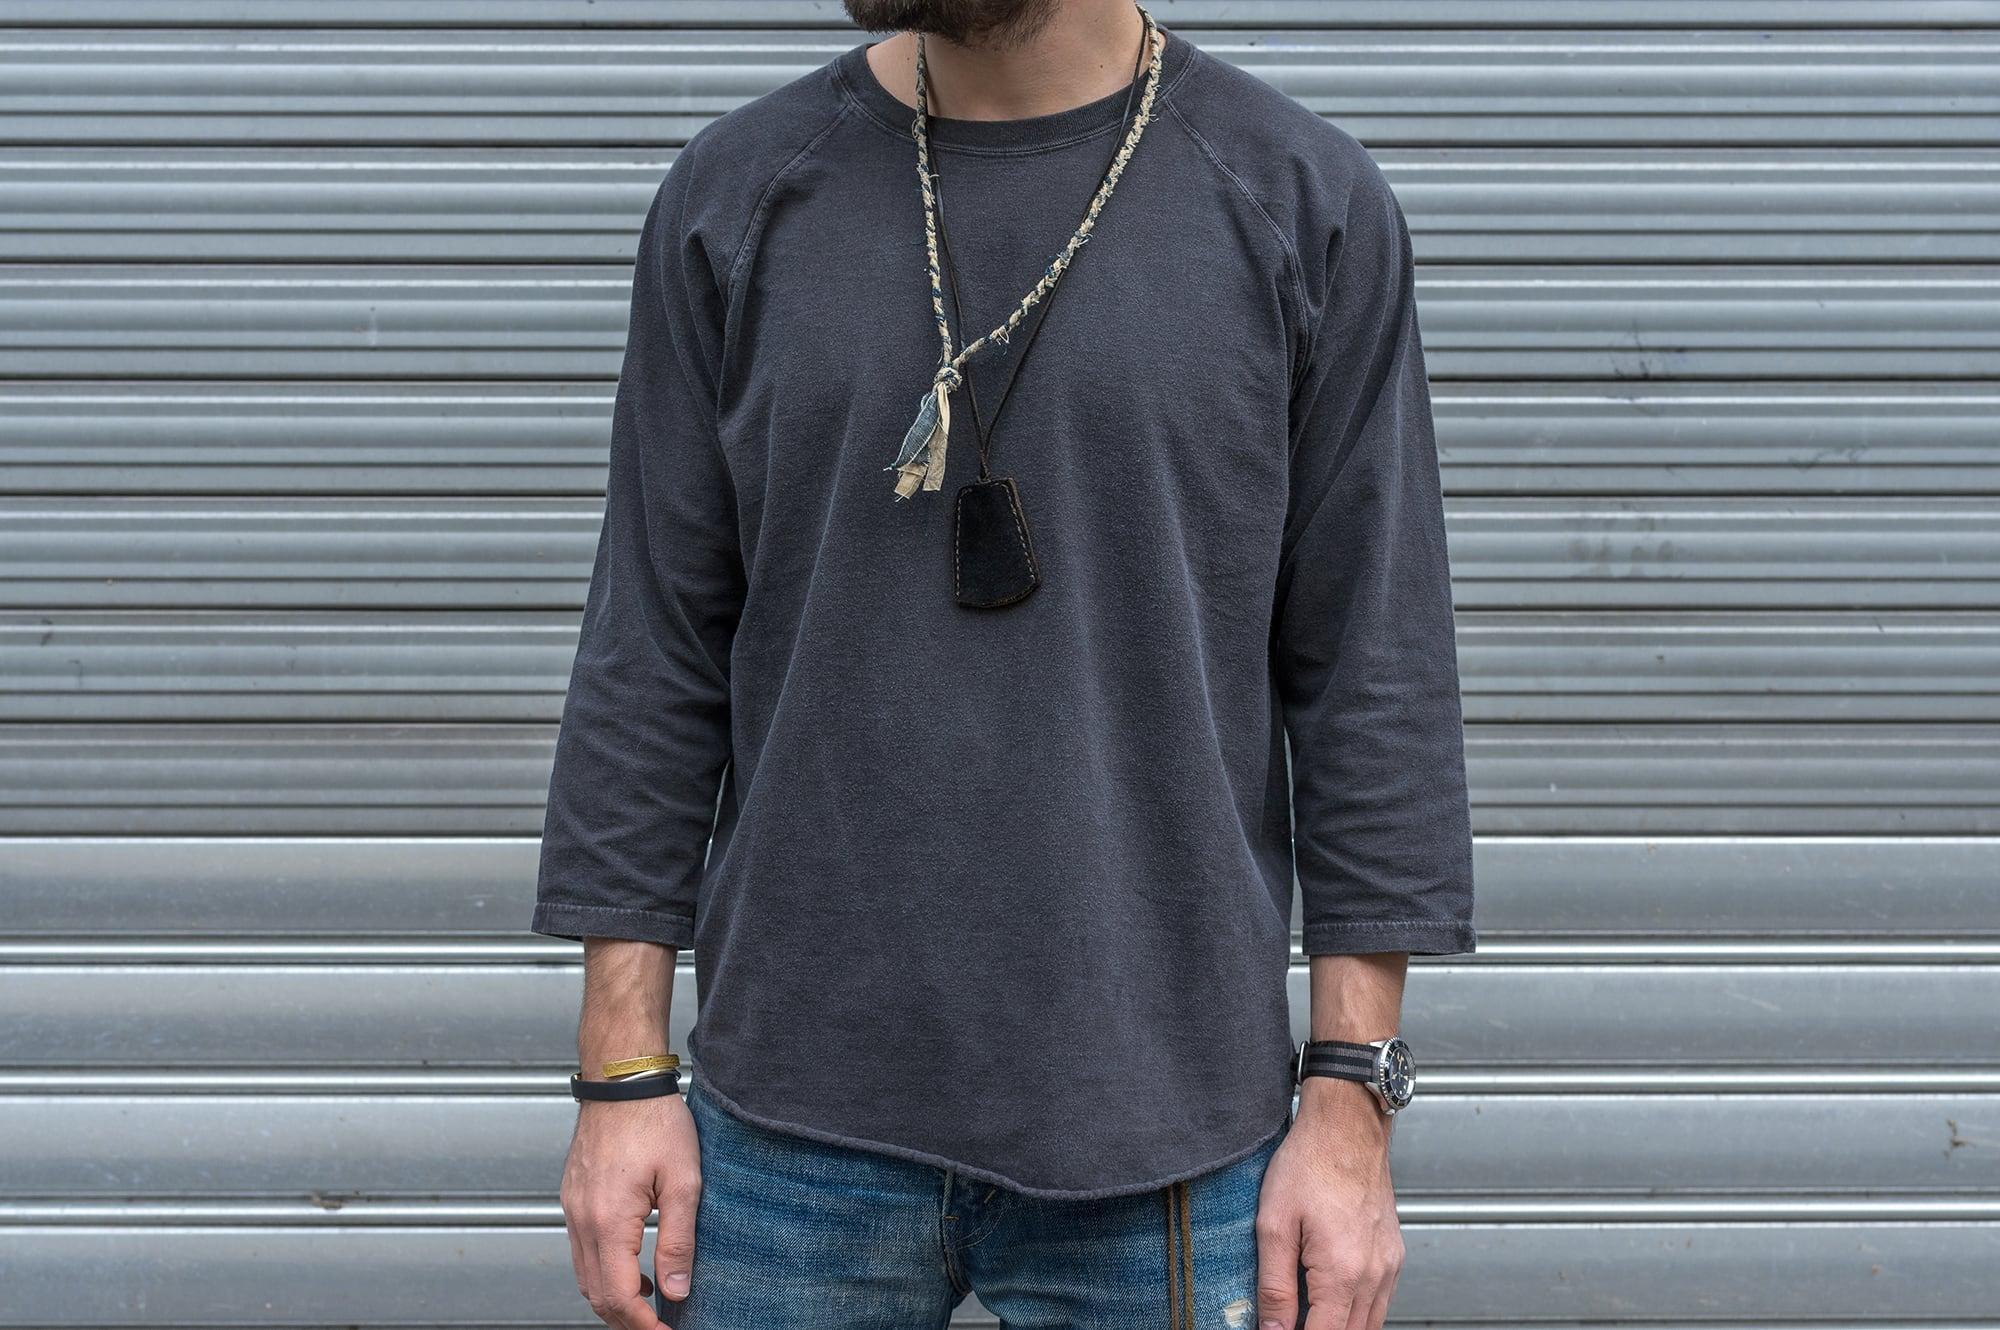 tee shirt manche trois good on en coton teinté à la main et colier Borali upcycling en tssus tressé recyclé et cloch en cuir laperruque